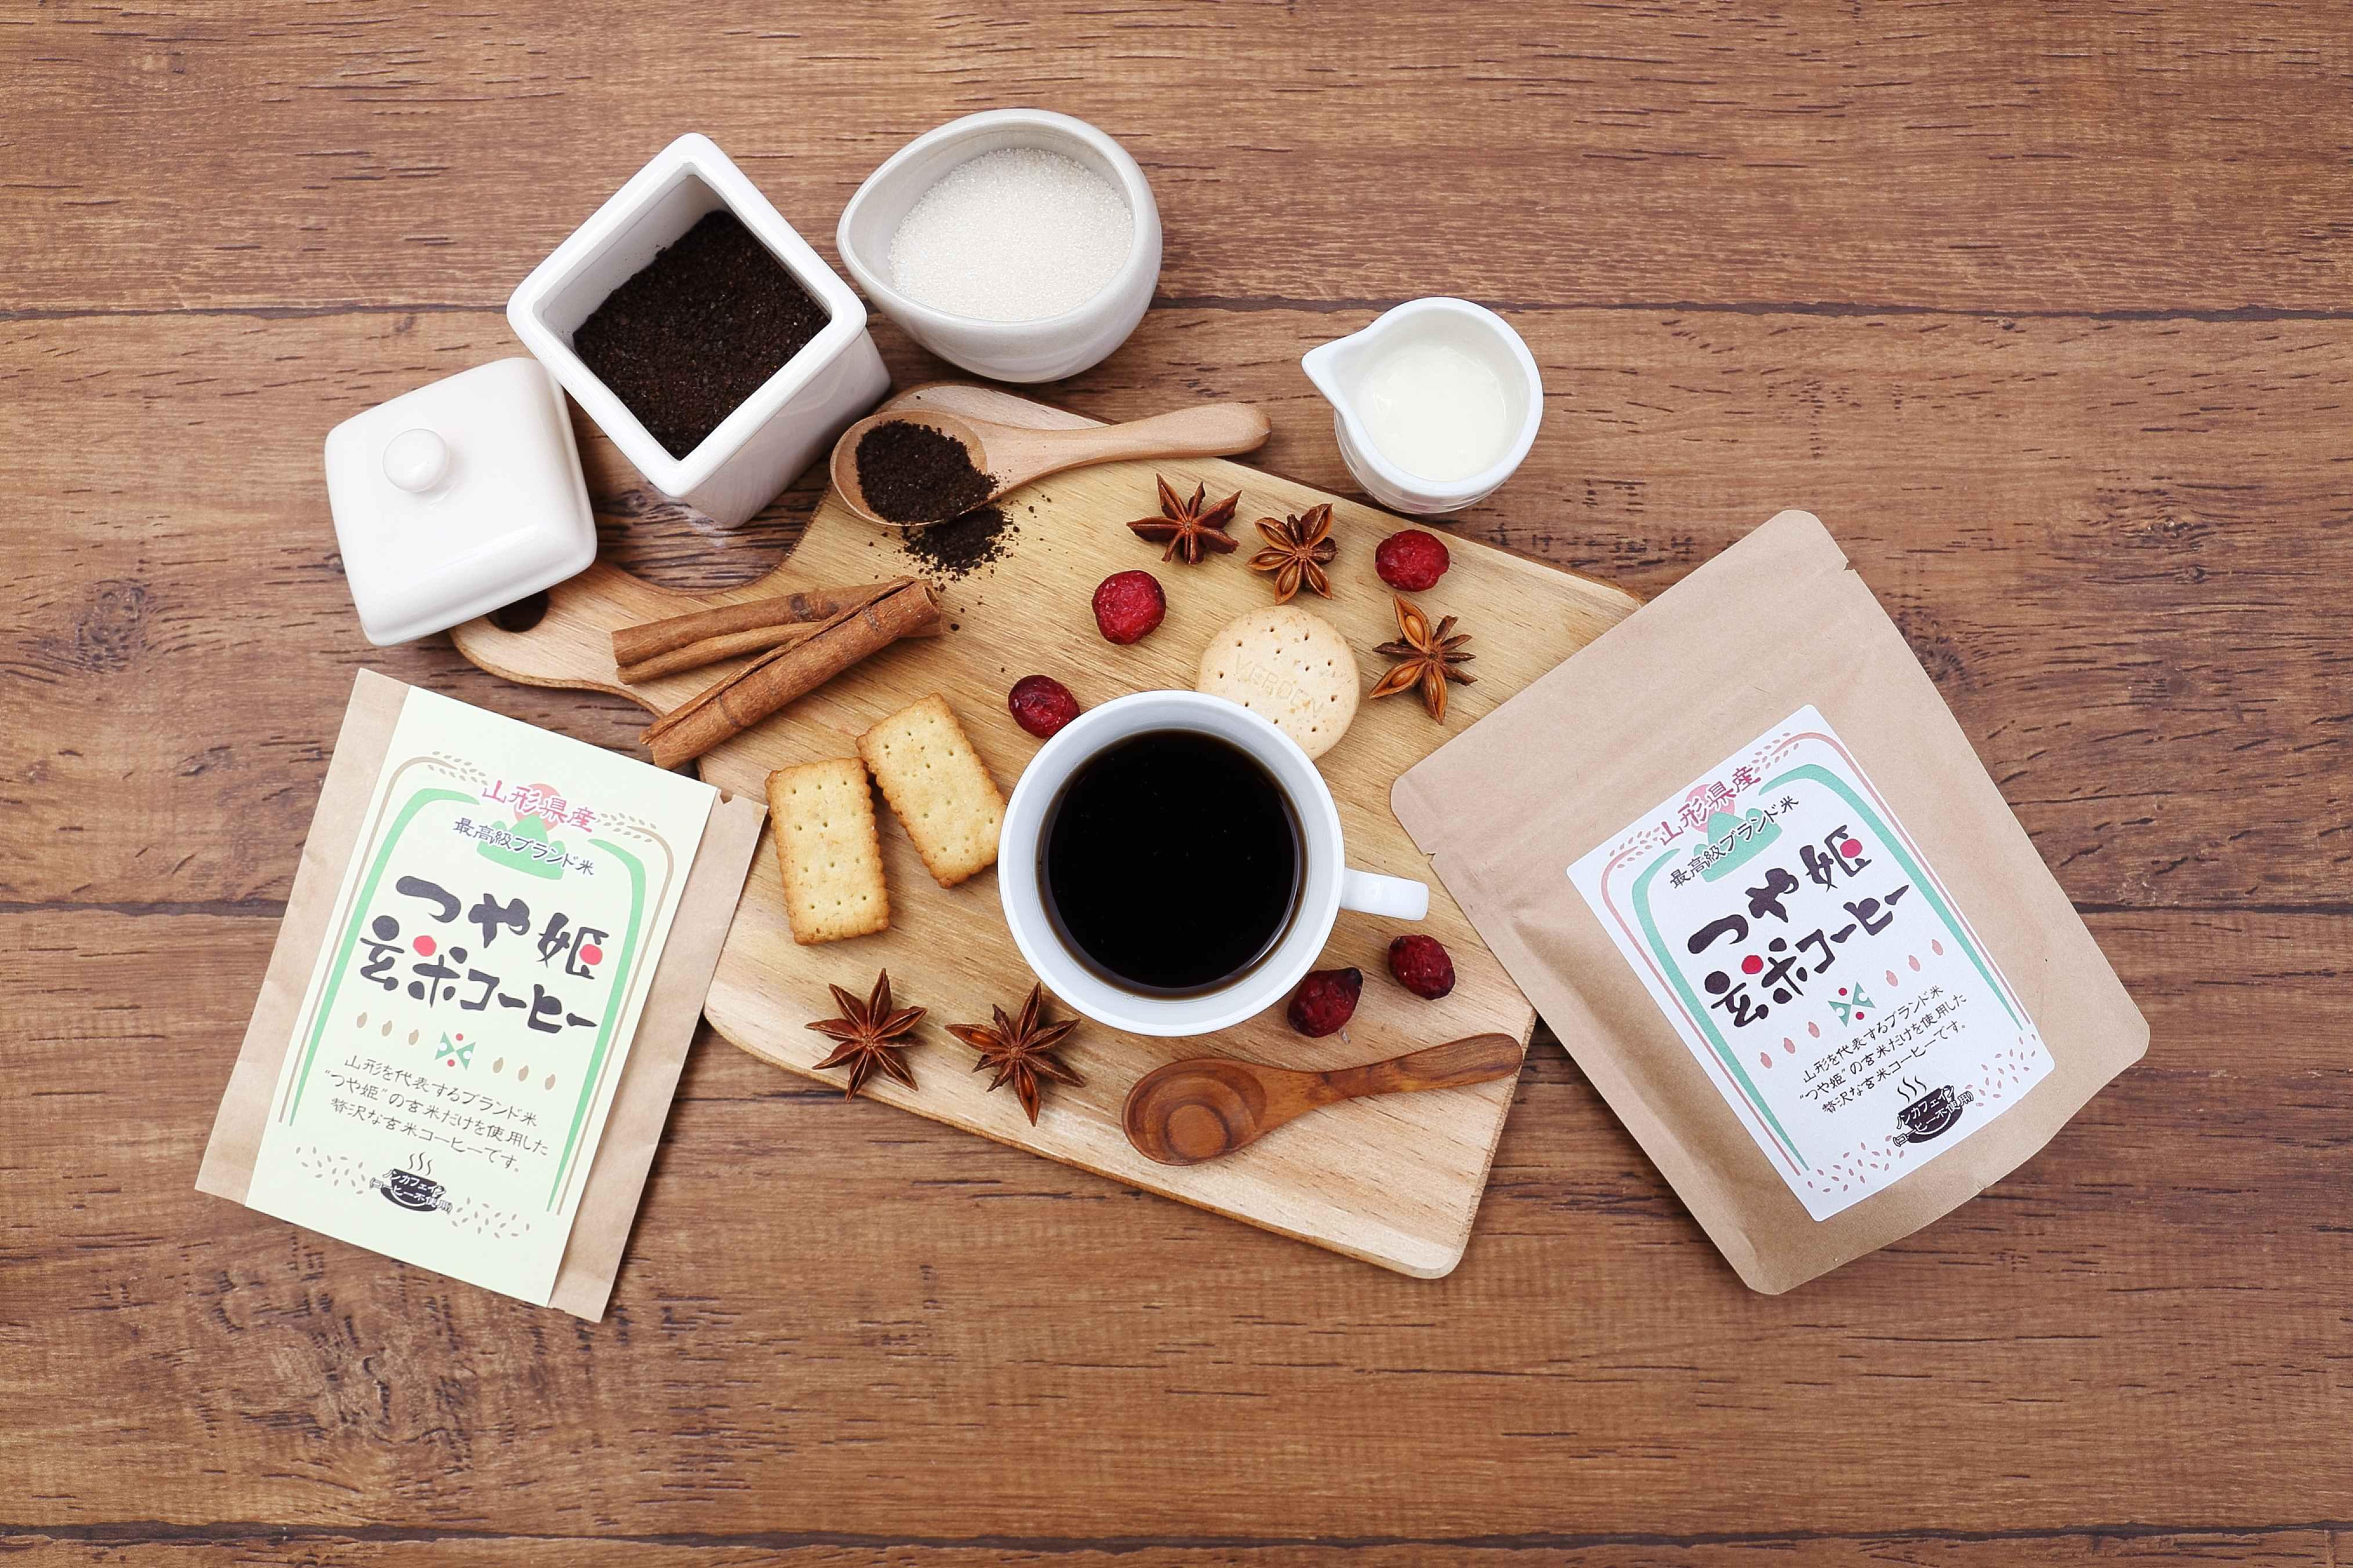 玄米コーヒー つや姫 粉タイプ 200g ドリップ 玄米珈琲 妊婦 さんにも嬉しい ノンカフェイン コーヒー 無添加 国産 ブラックジンガー 山形県産 ブランド米使用 ギフト